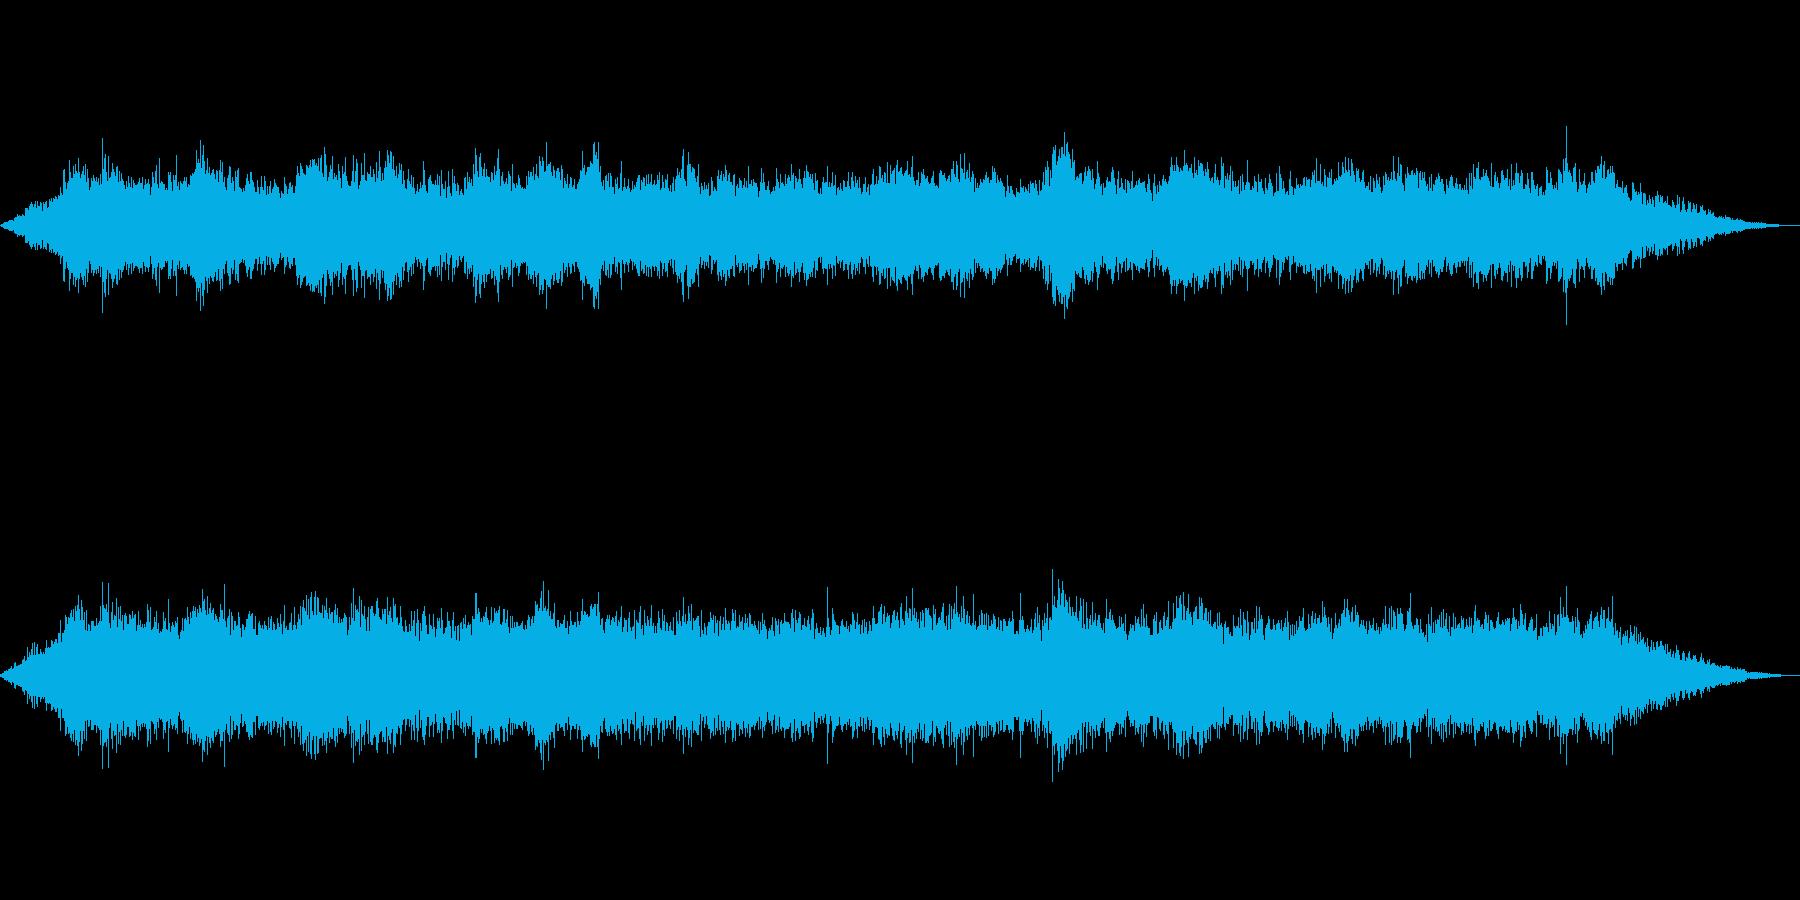 海 波 浜辺 海岸 カモメ等の環境音07の再生済みの波形